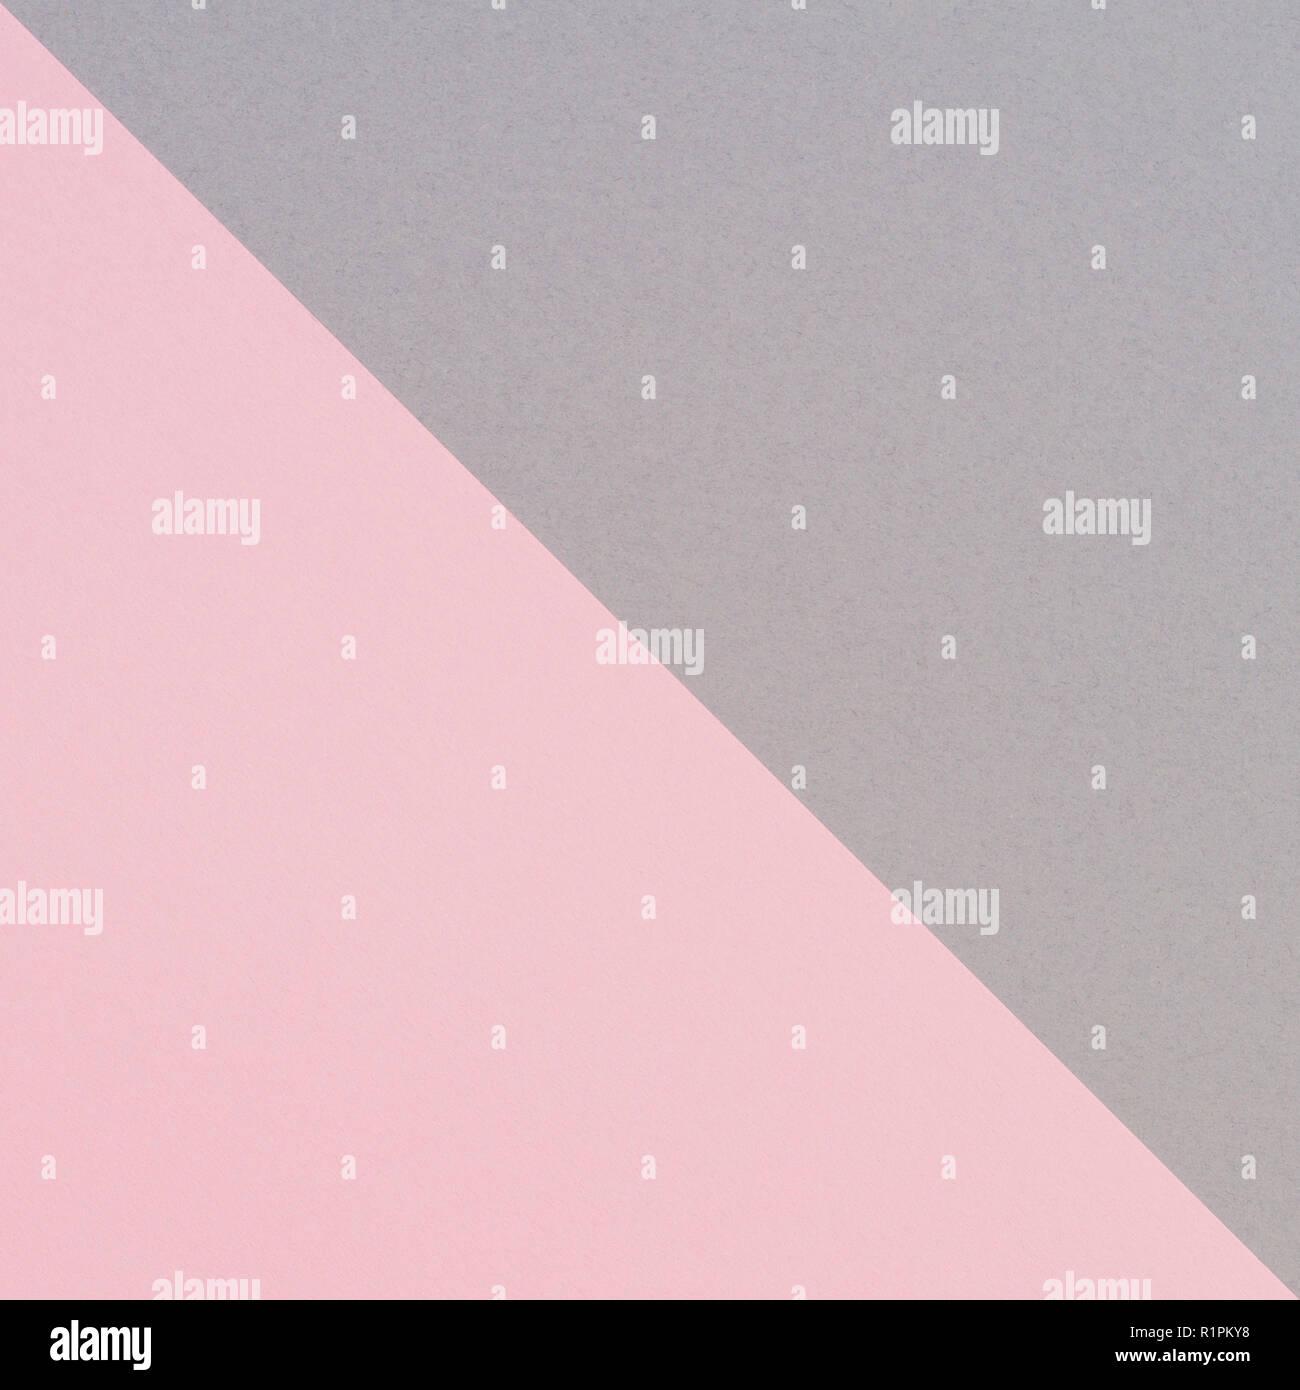 Abstract Forma Geometrica Grigio E Rosa Colore Sfondo Della Carta